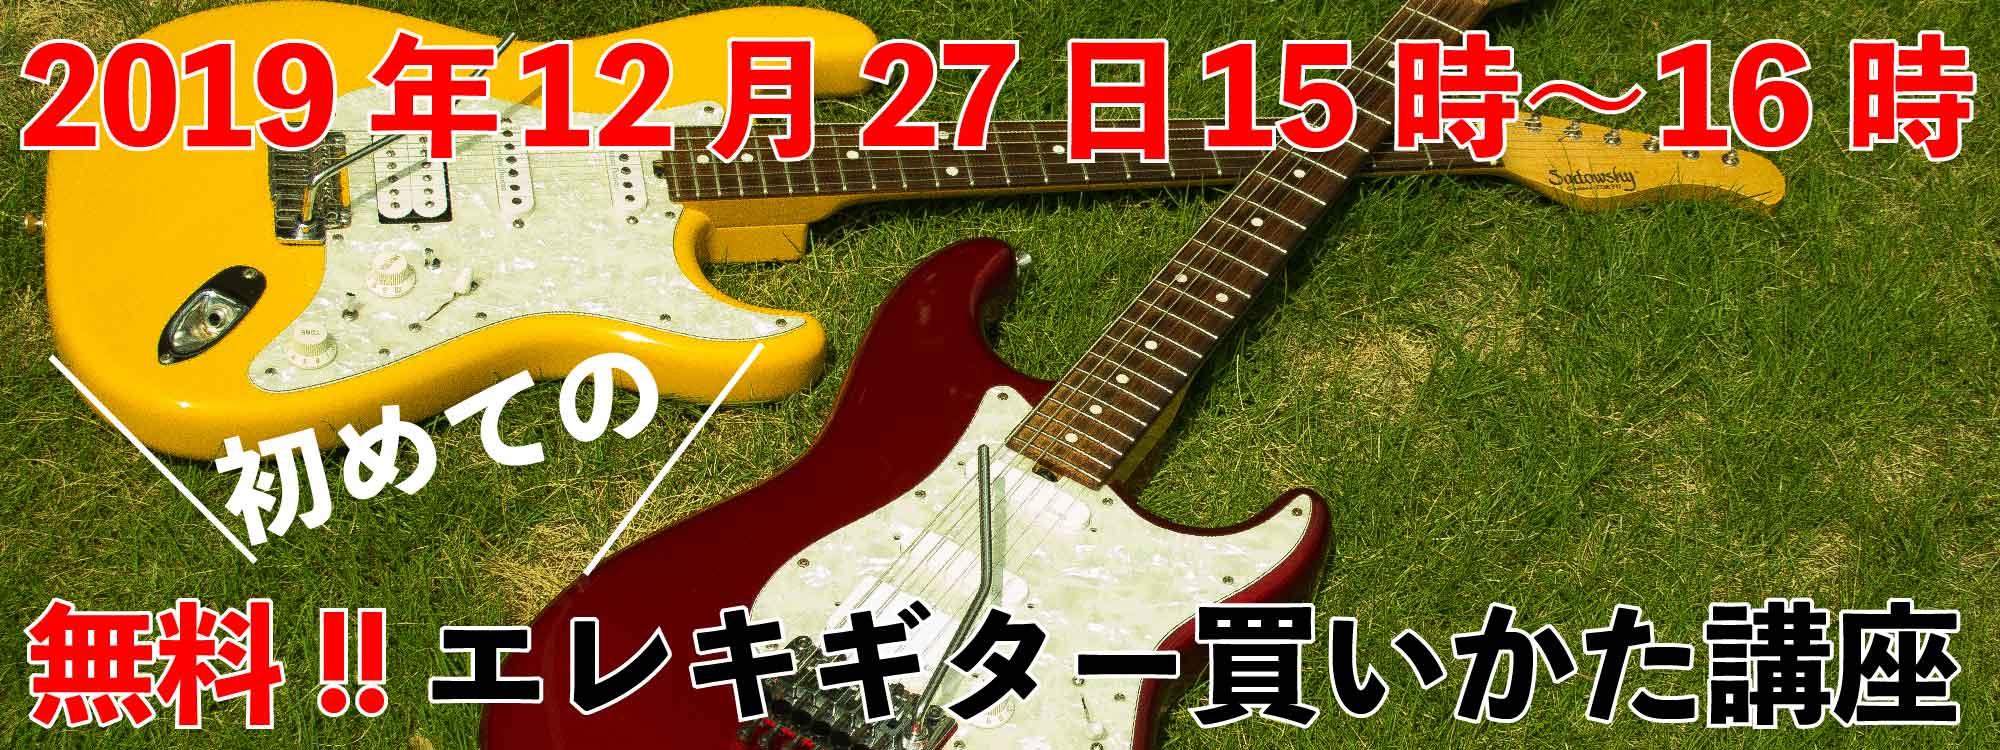 無料!!初めてのエレキギター買いかた講座(feelギター教室 西東京市田無校)-01